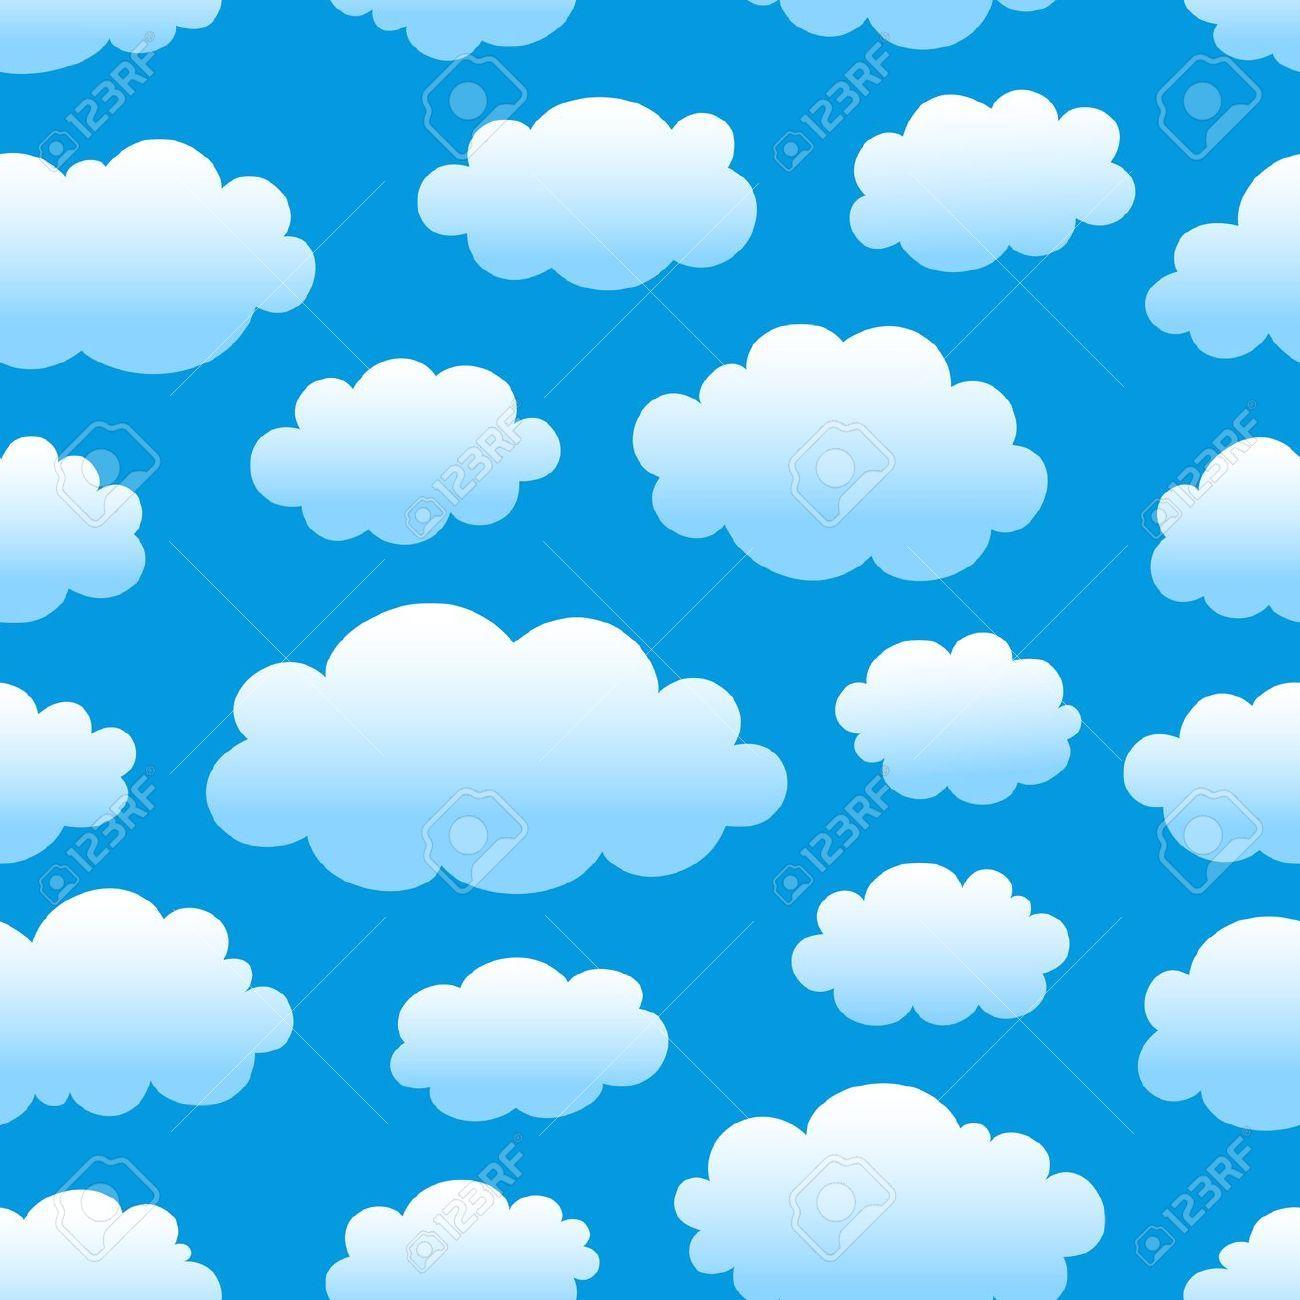 Cloudy blue sky clipart